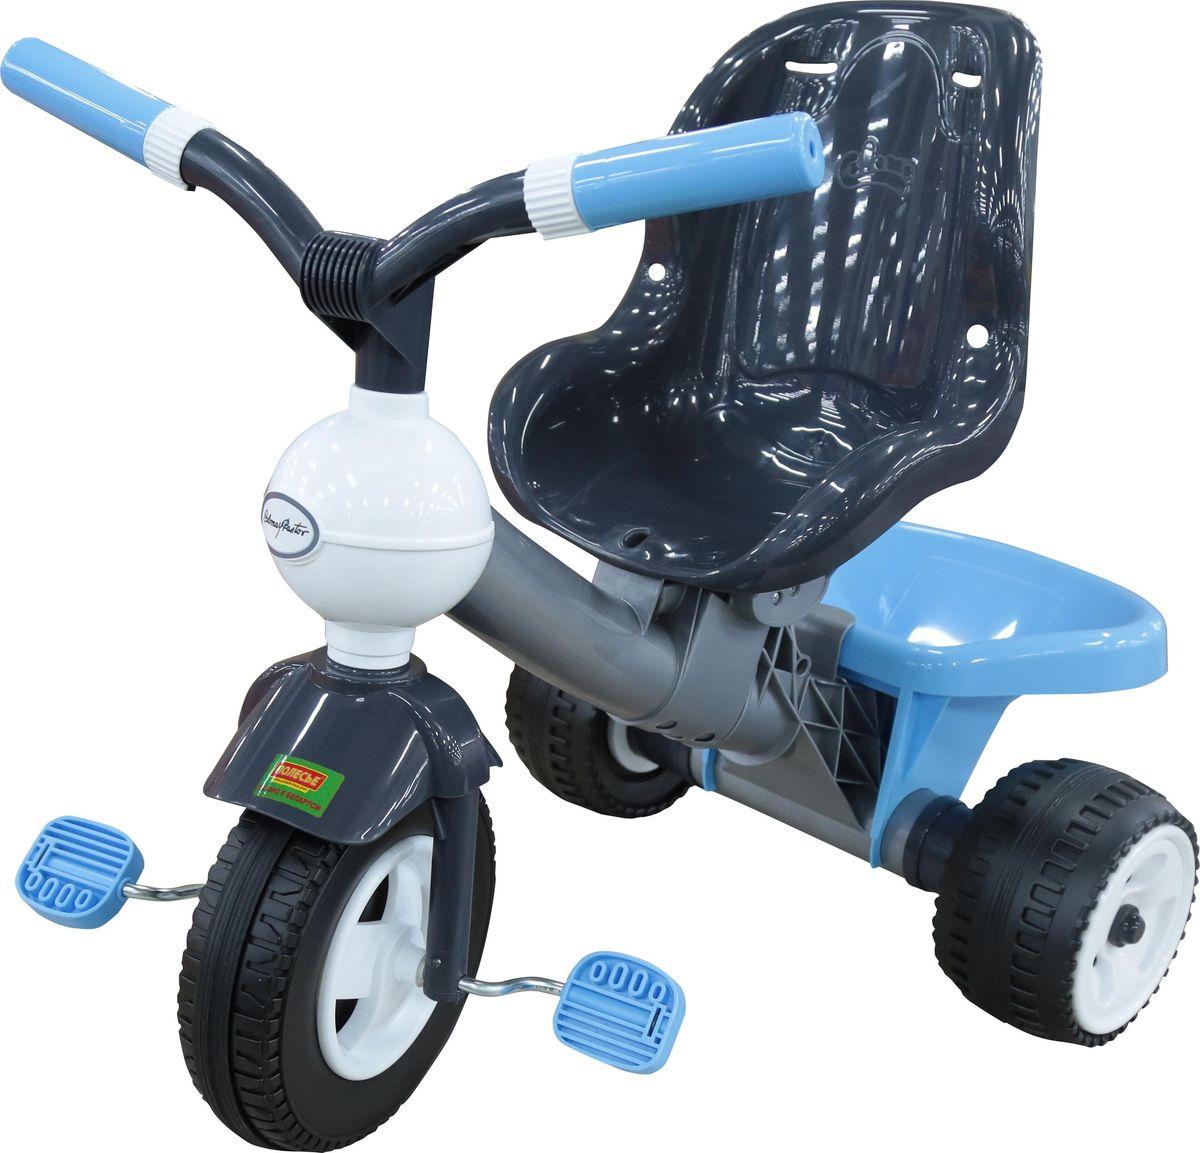 Полесье Велосипед трехколесный Амиго №3, 46444, цвет в ассортименте полесье велосипед трехколесный амиго 2 46420